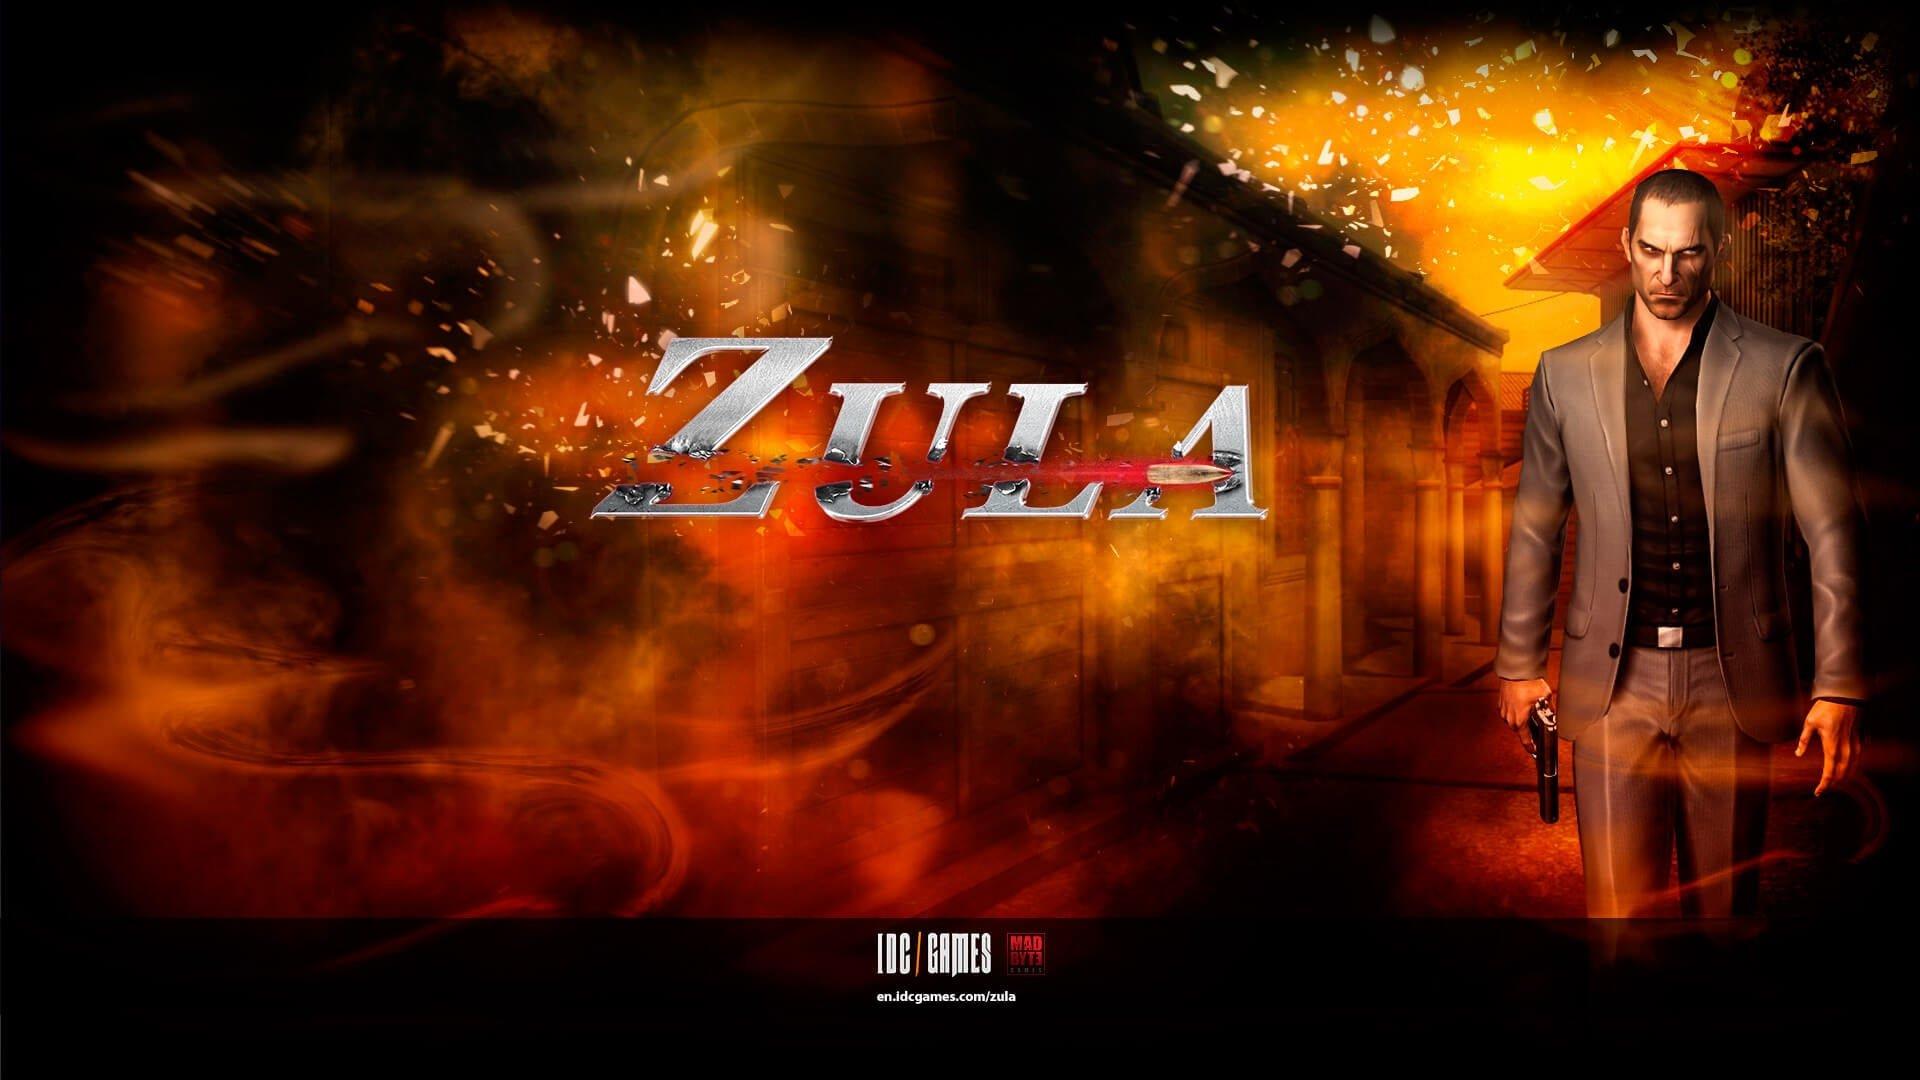 Zula Global